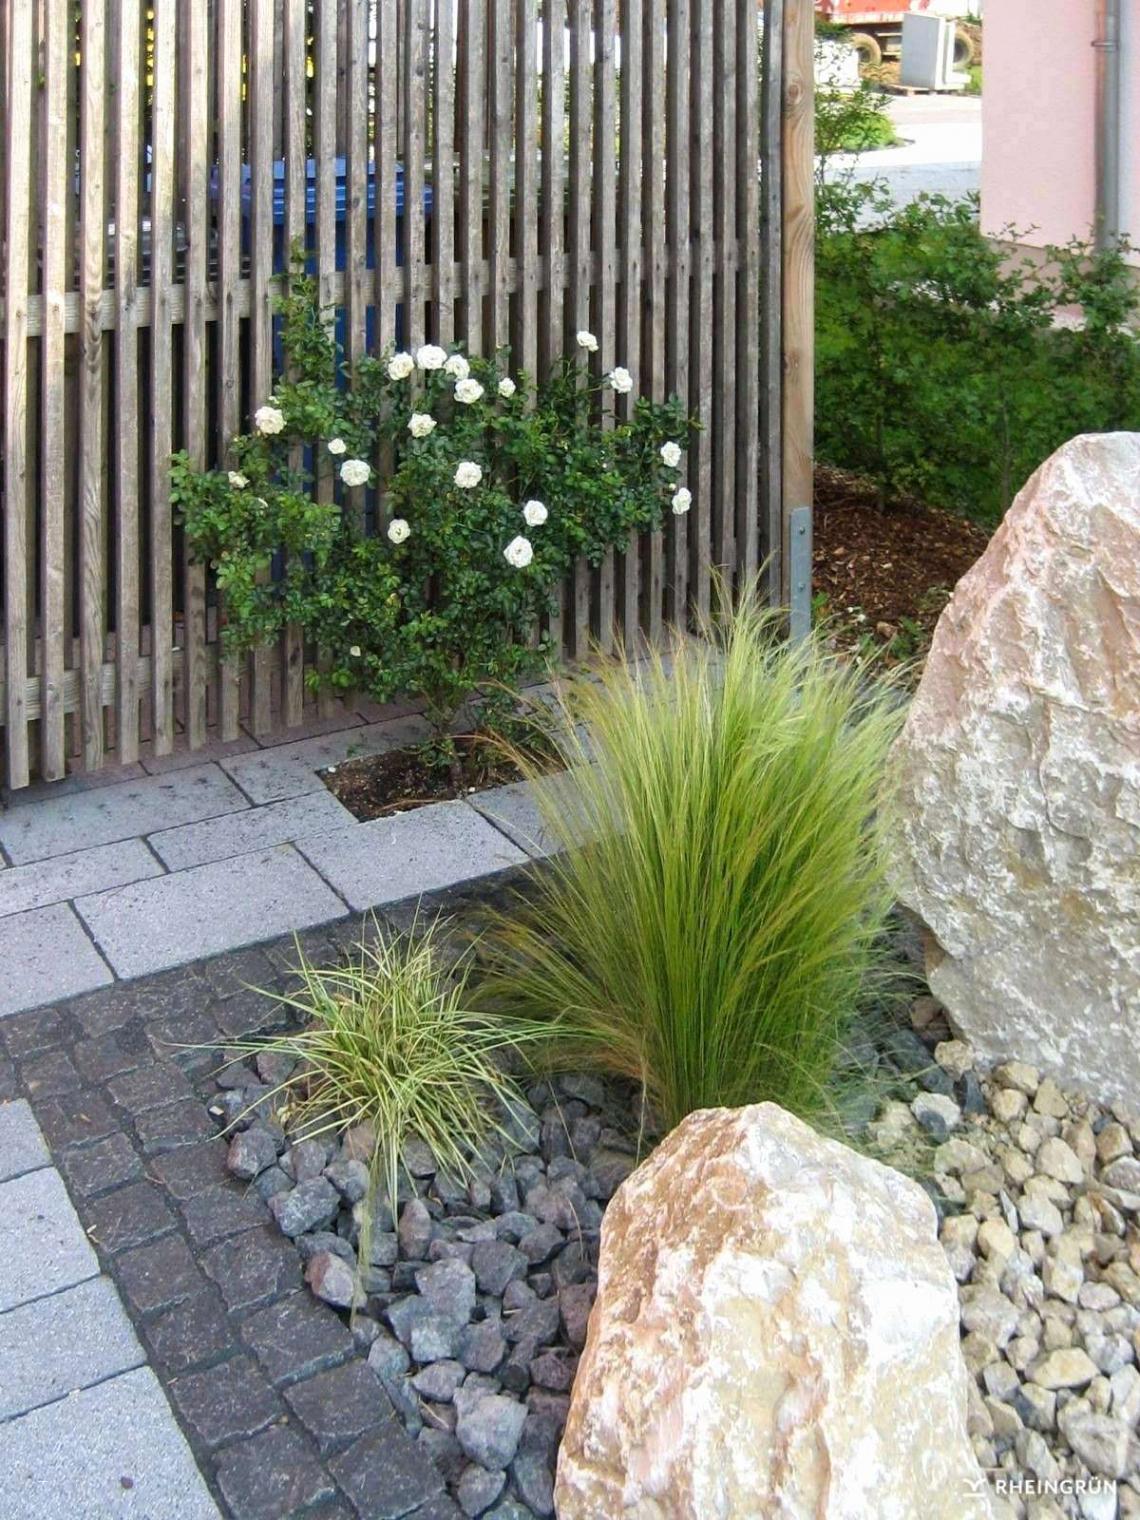 42 schon sichtschutz terrasse pflanzen stock pflanzen garten sichtschutz pflanzen garten sichtschutz